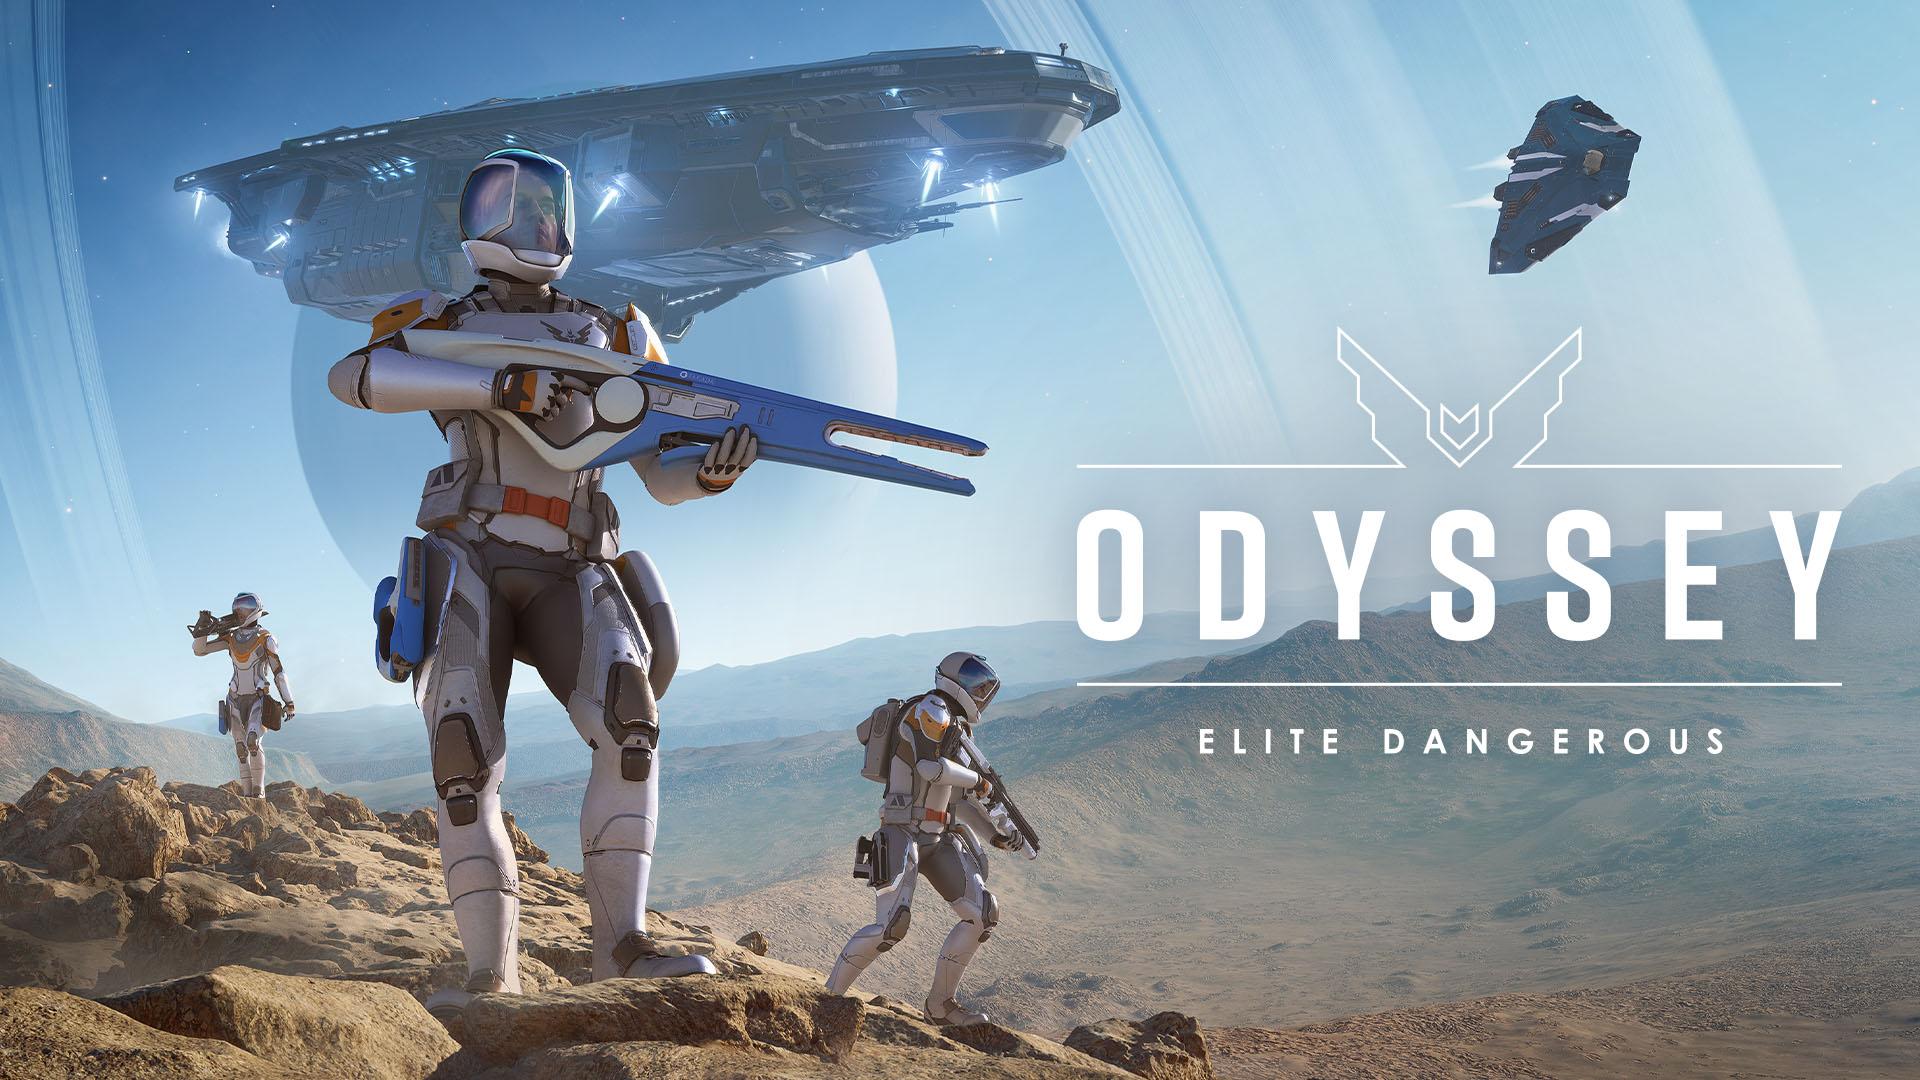 Elite Dangerous: Odyssey | Elite Dangerous Wiki | Fandom